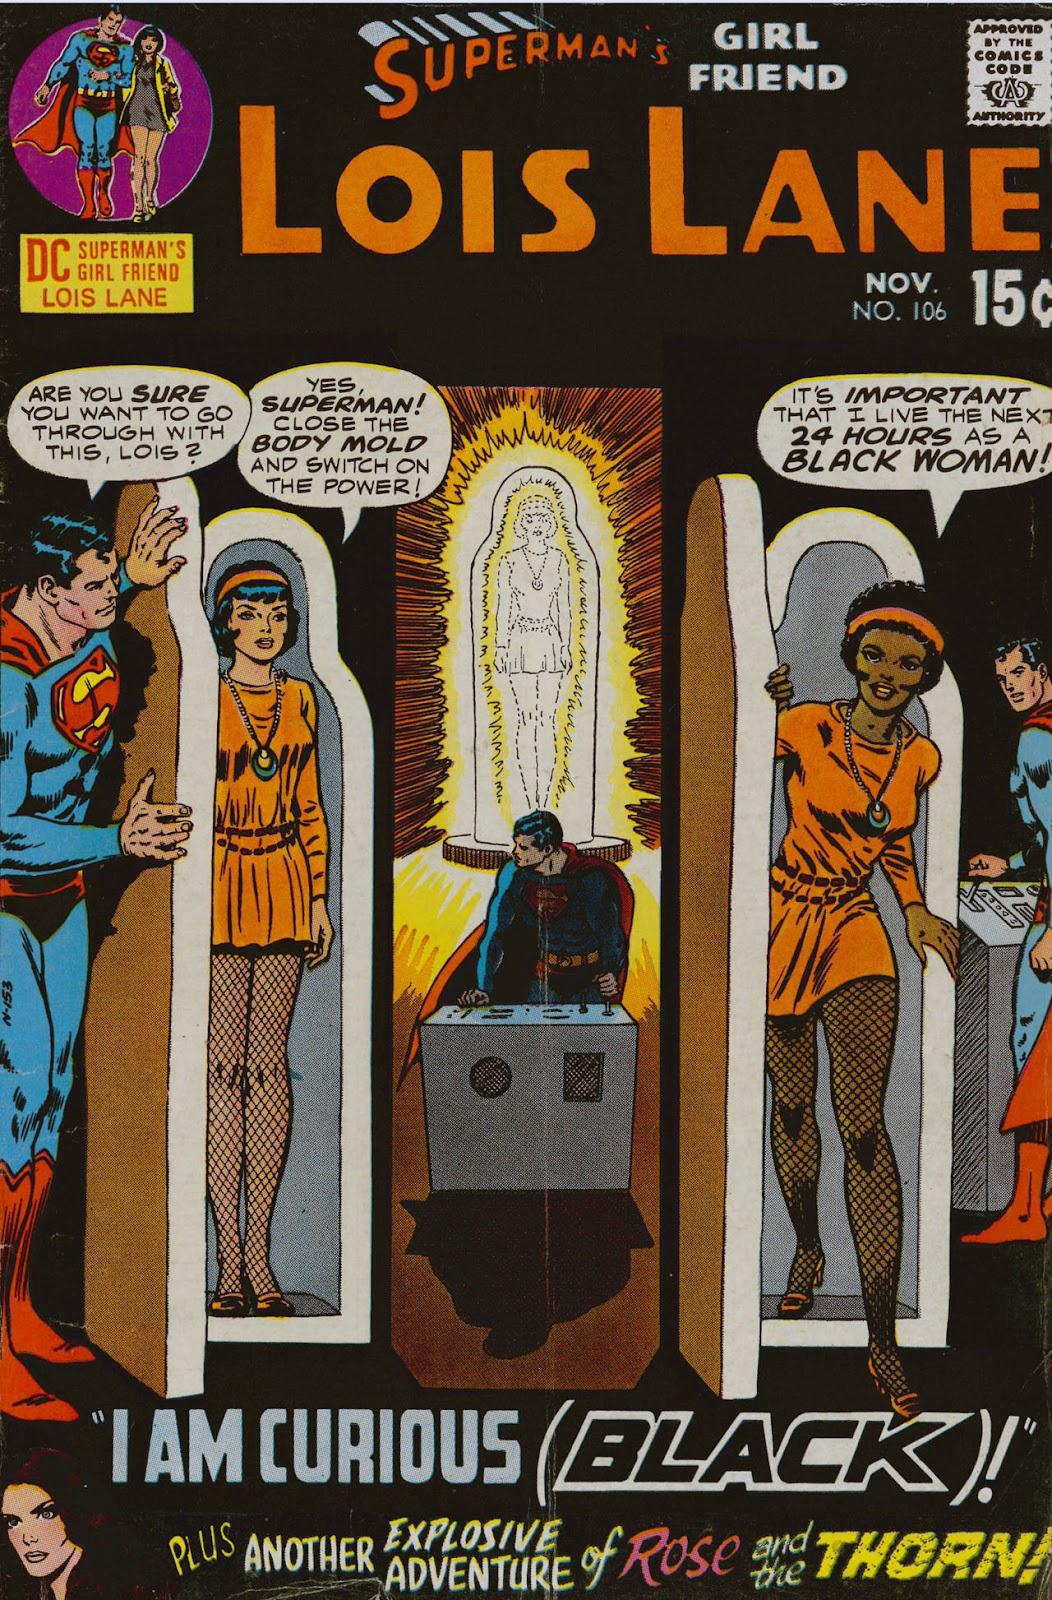 Supermans Girl Friend, Lois Lane 106 Page 1